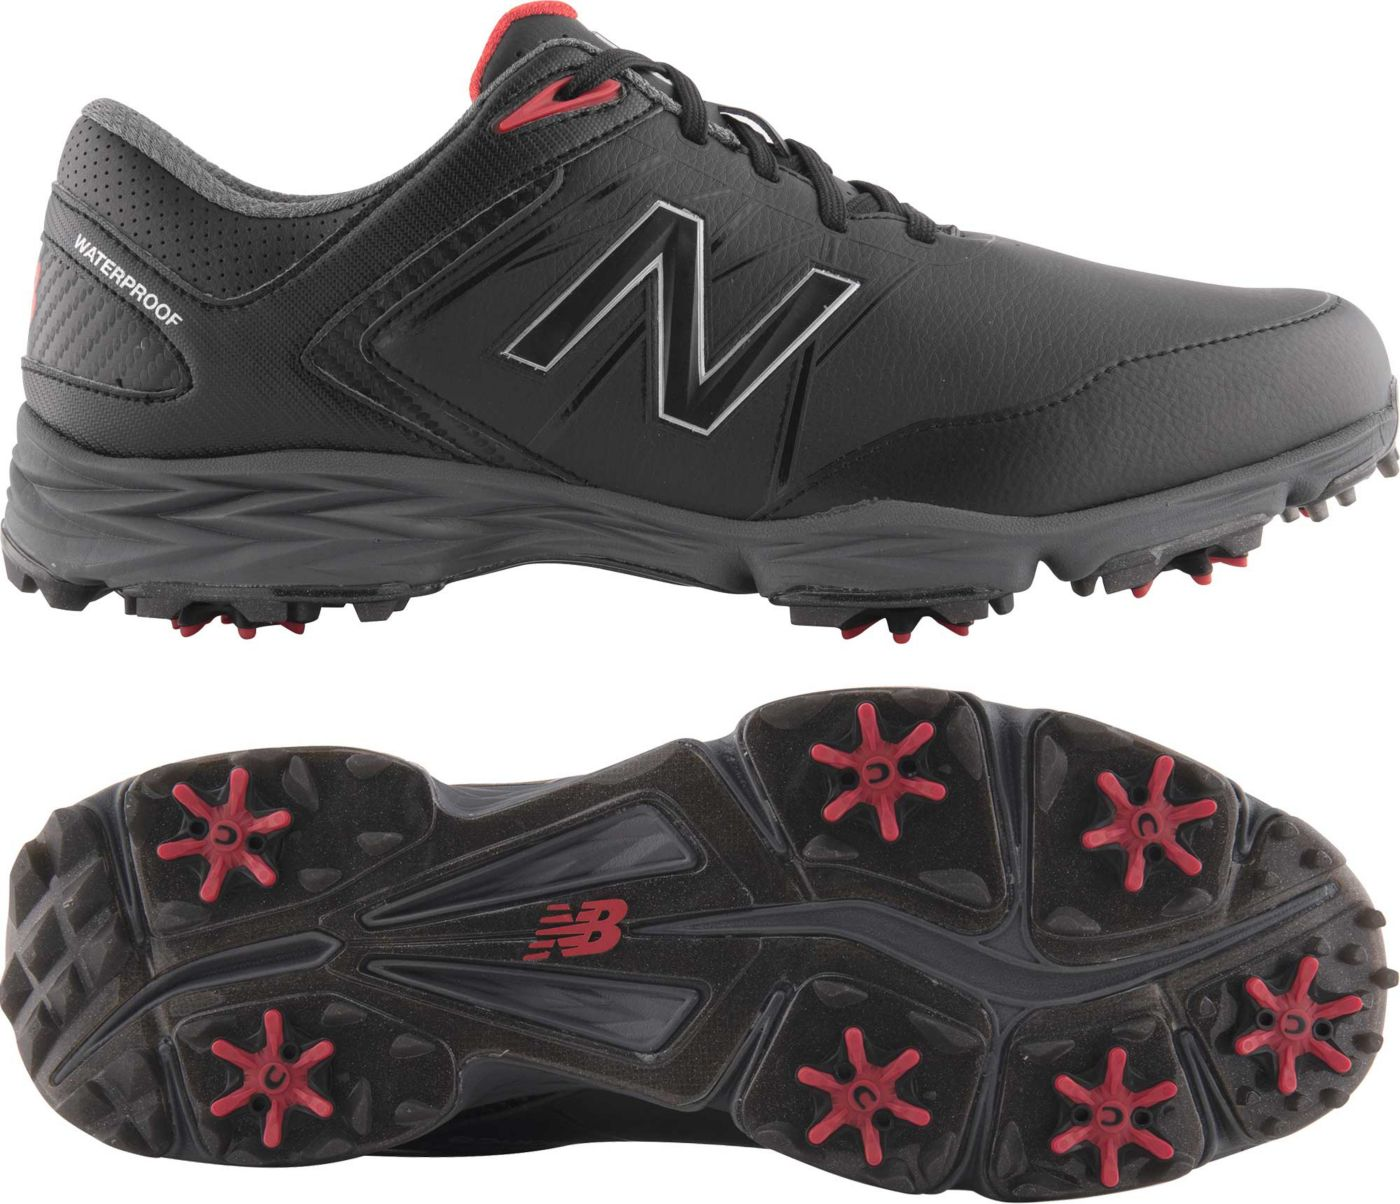 New Balance Men's Striker Golf Shoes